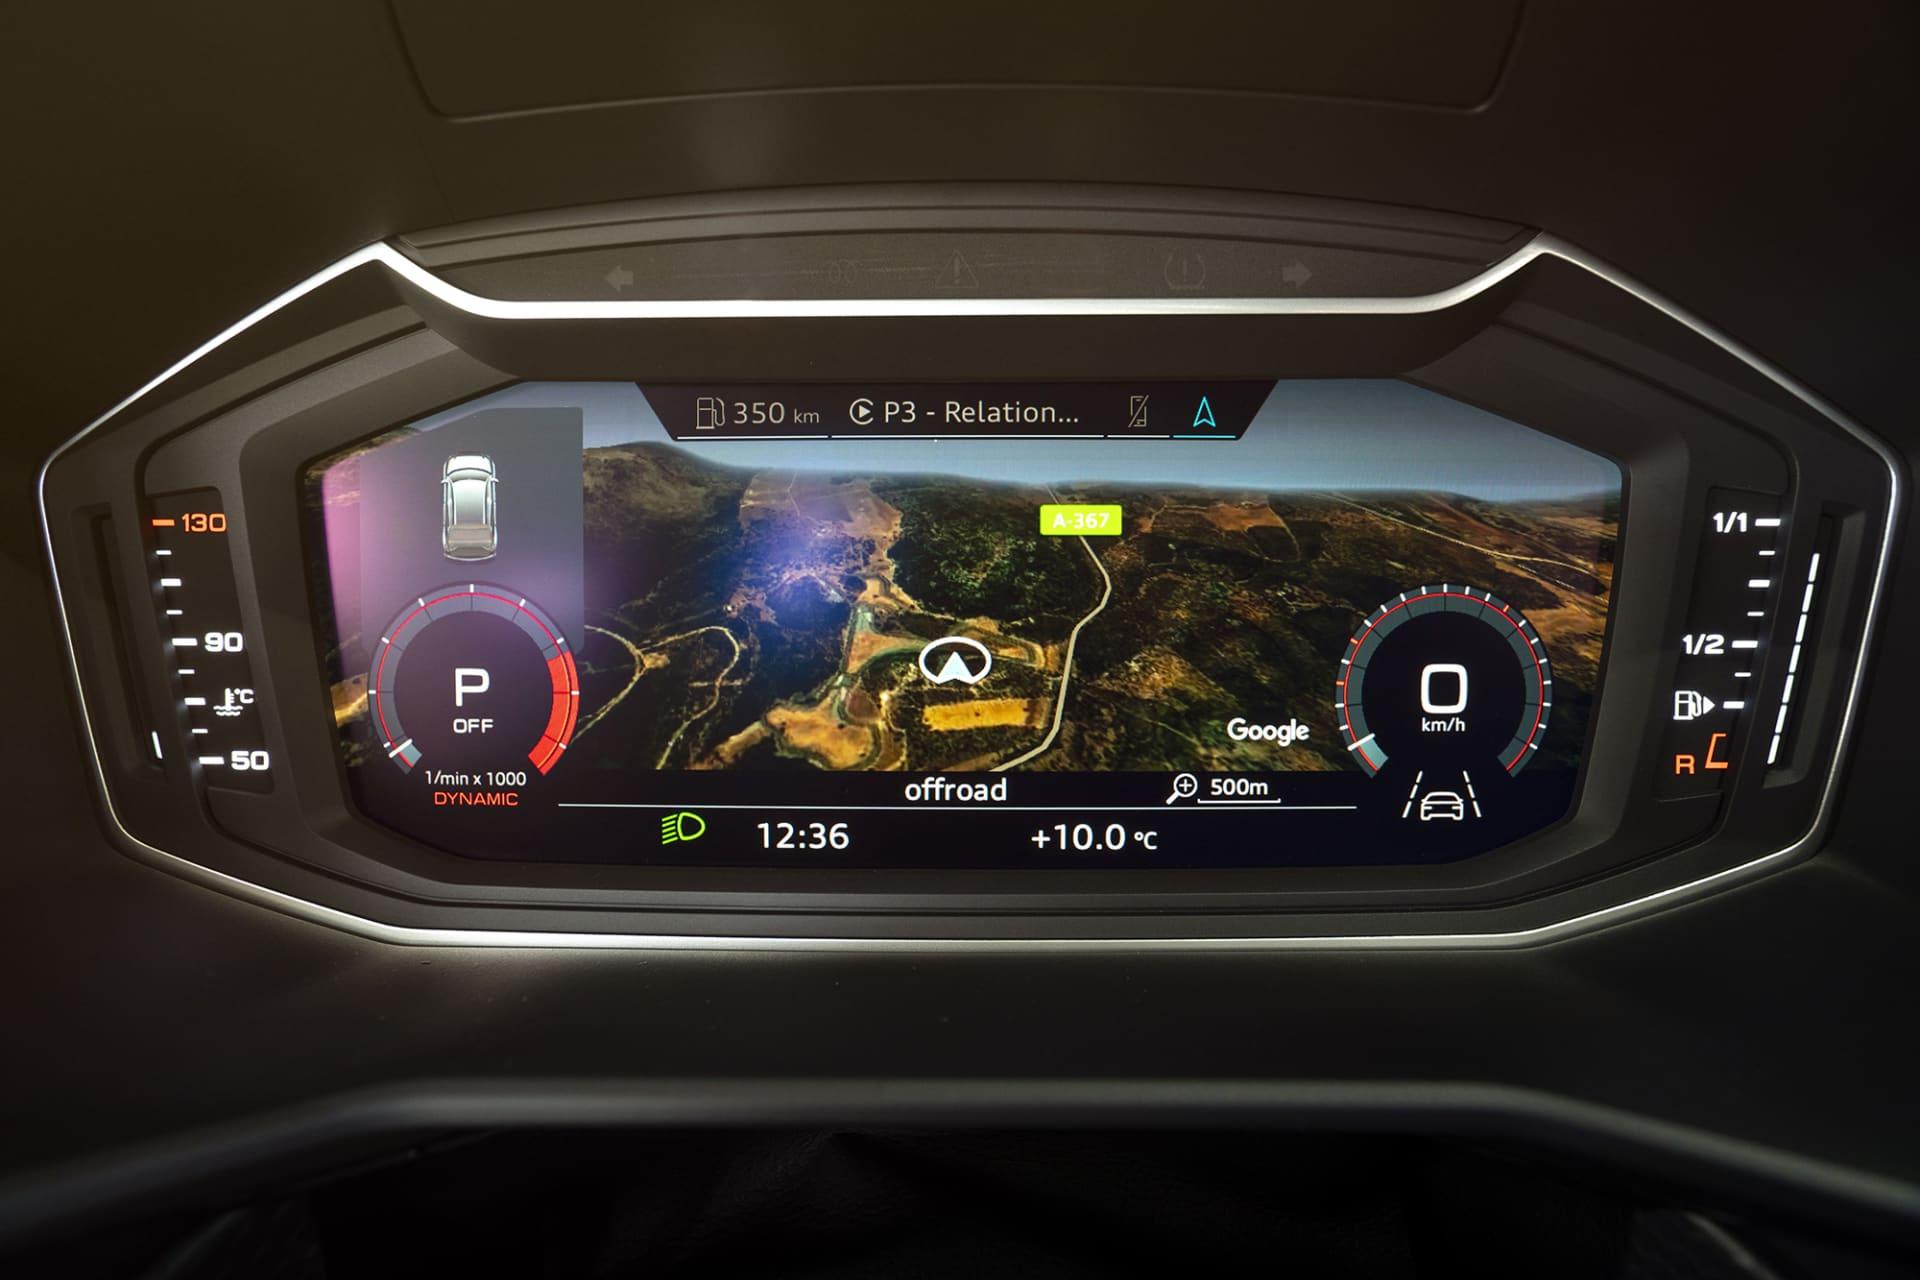 Numera finns inga analoga mätare utan utrymmet framför ratten fylls av en stor skärm där all info tillsammans med navigation numera ryms. Audi kallar systemet Virtual Cockpit.